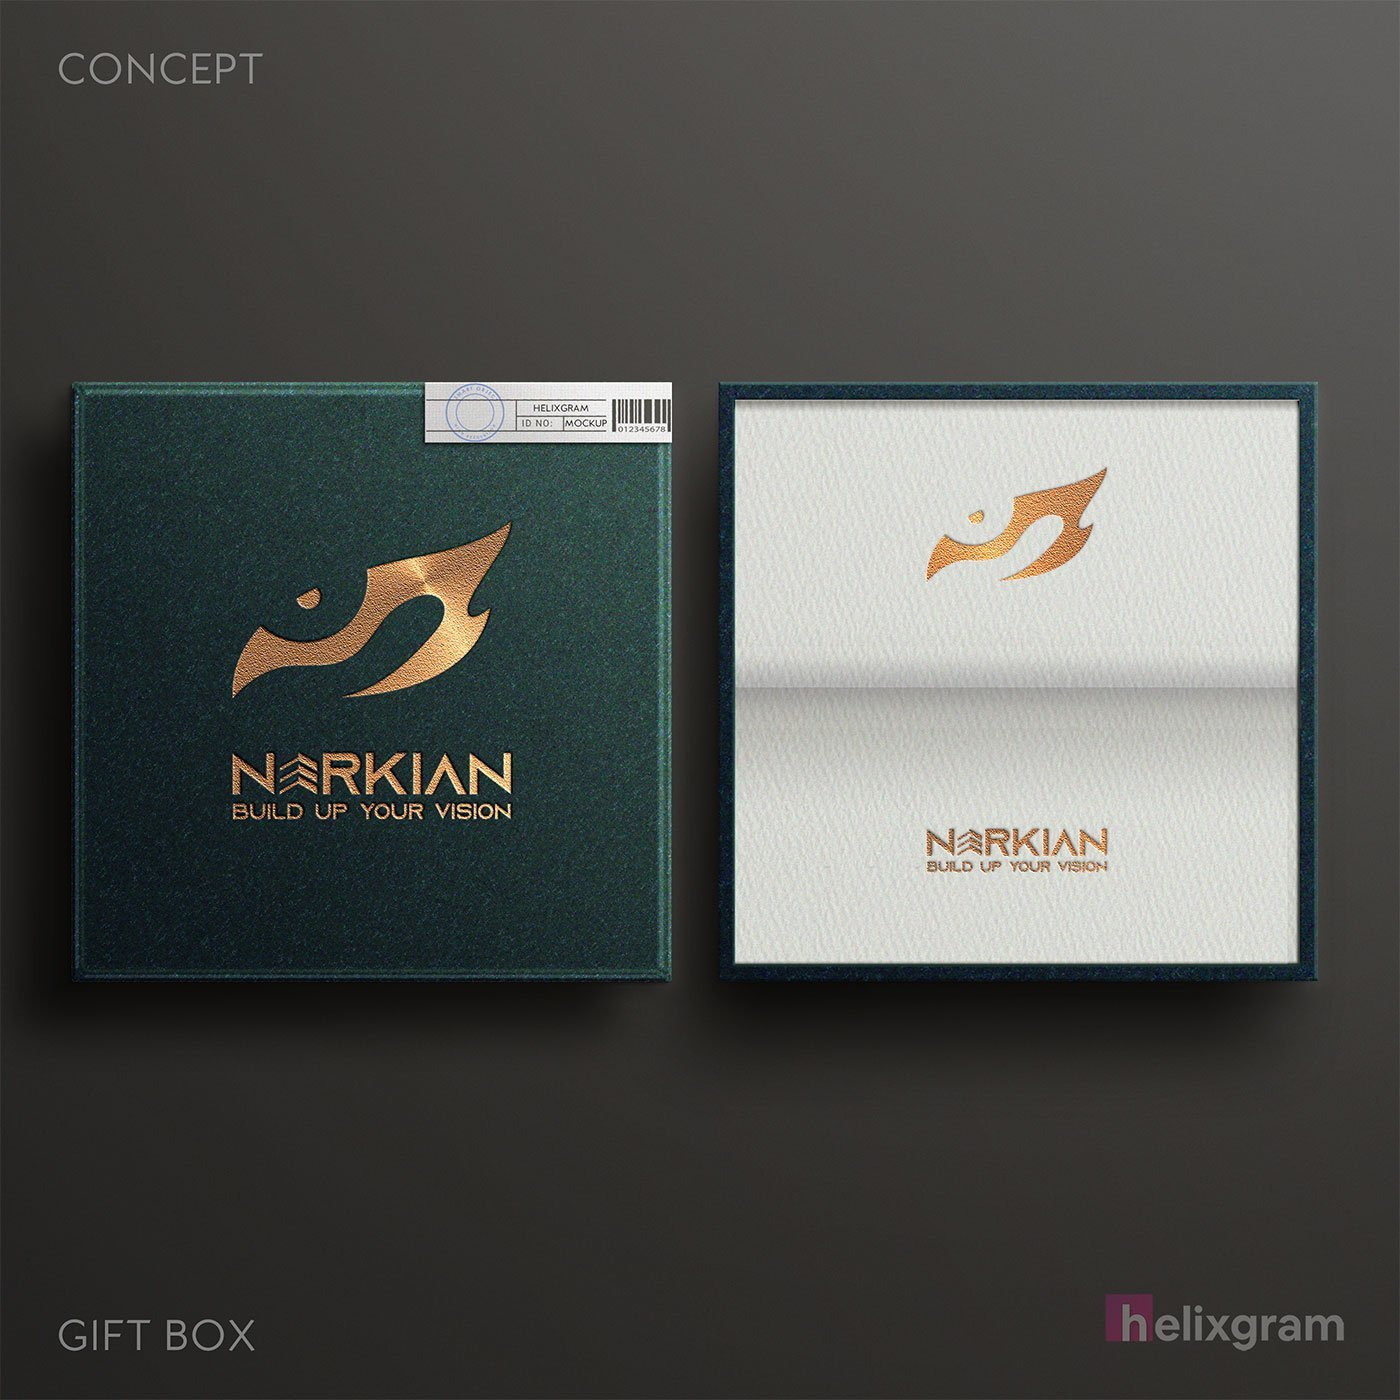 Brand-Identity-Gift-box-packaging-Narkian-design-visual-identity-design-package-corporate-identity-design-logo-design-flyer-poster-book-cover-design-web-design-digital-advertising-Helixgram